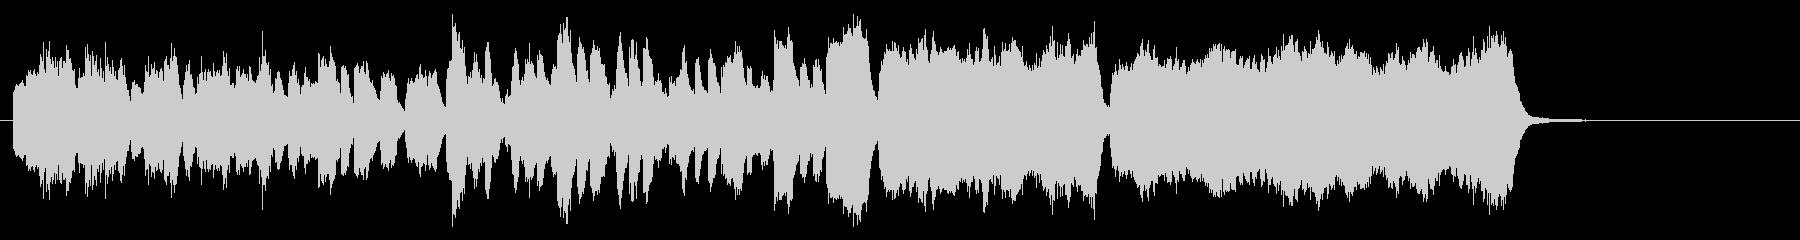 宮廷音楽風ダブルリード四重奏+チェンバロの未再生の波形